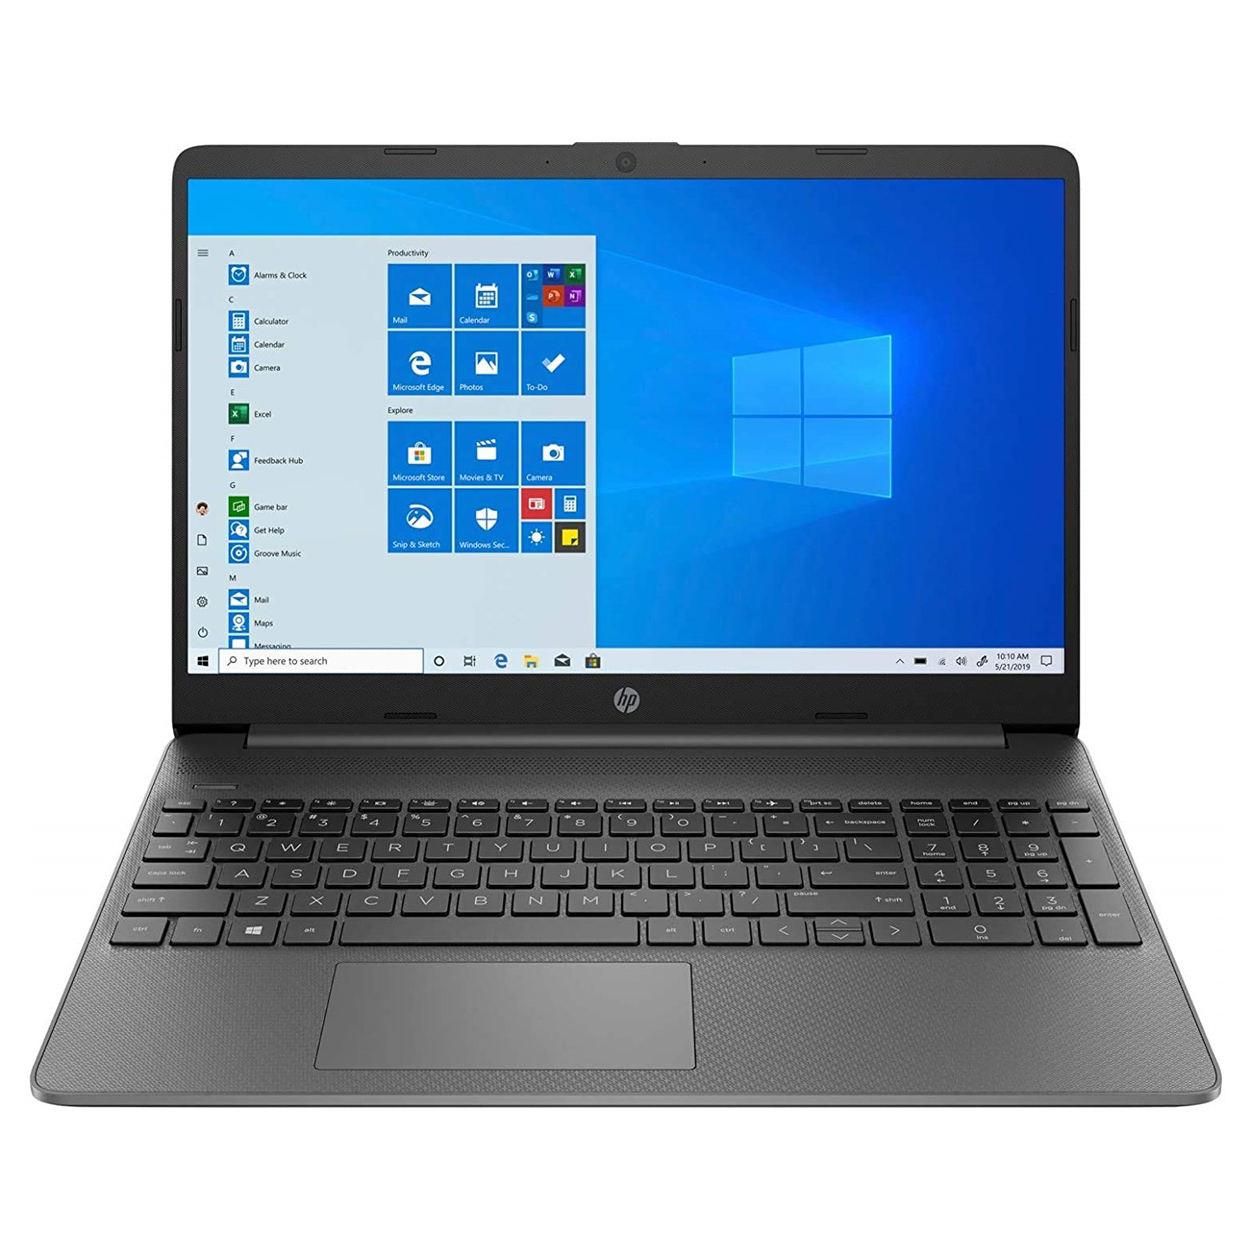 لپ تاپ 15.6 اینچی اچپی مدل 15-dw3024nia